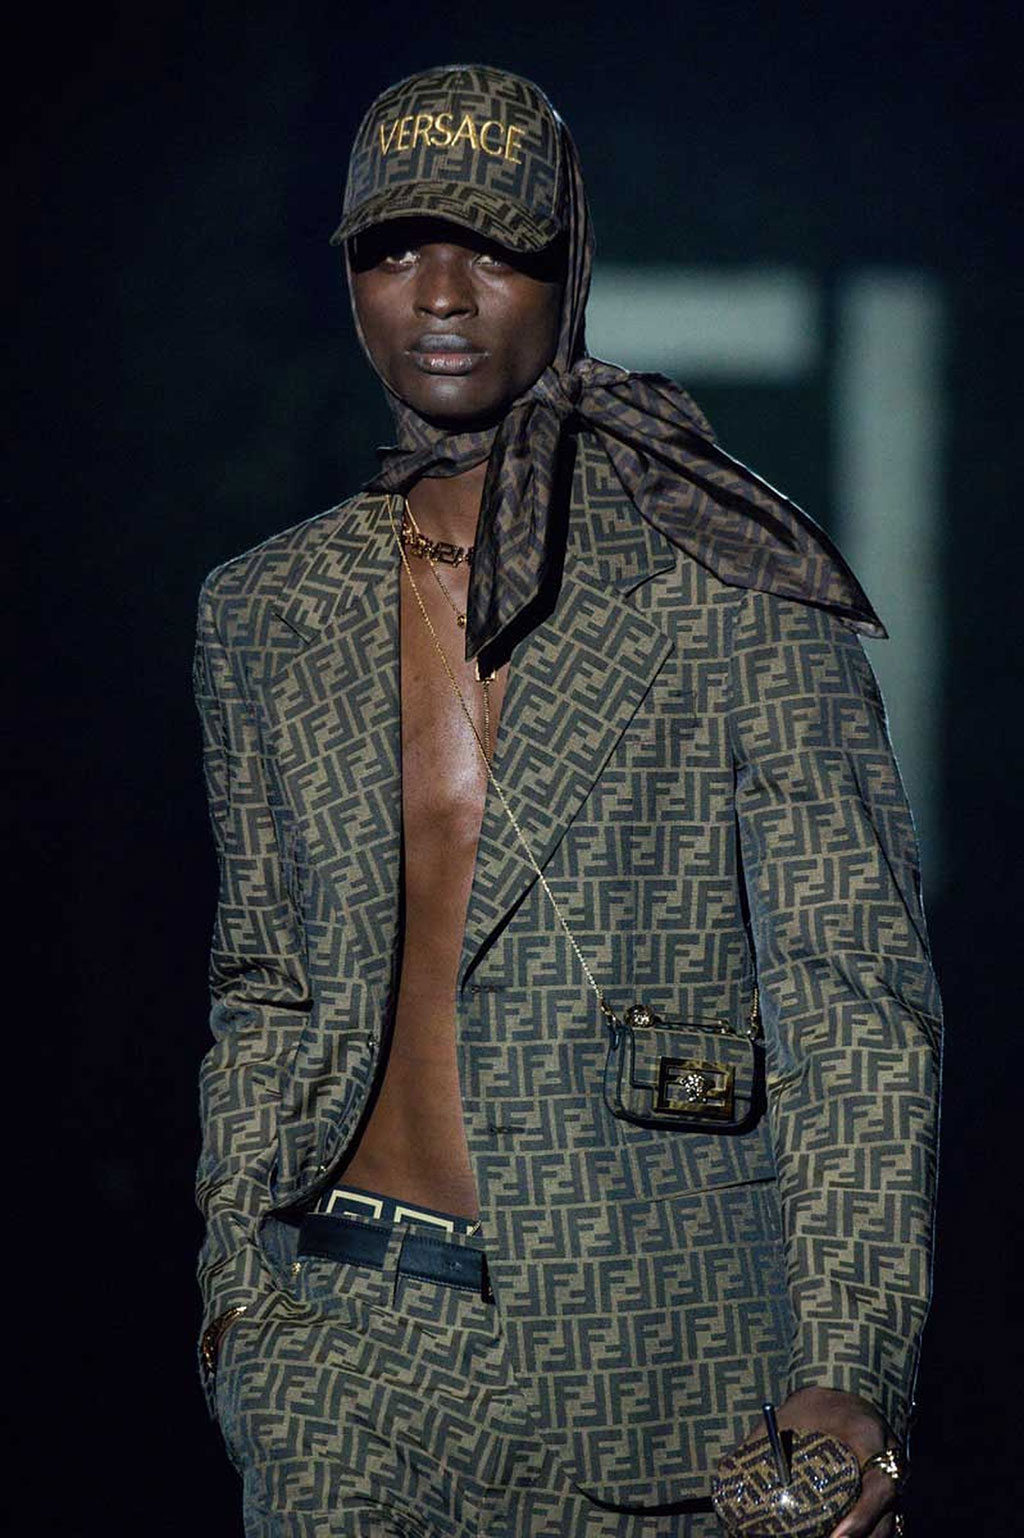 FENDACE: Khi Versace và Fendi bắt tay 1